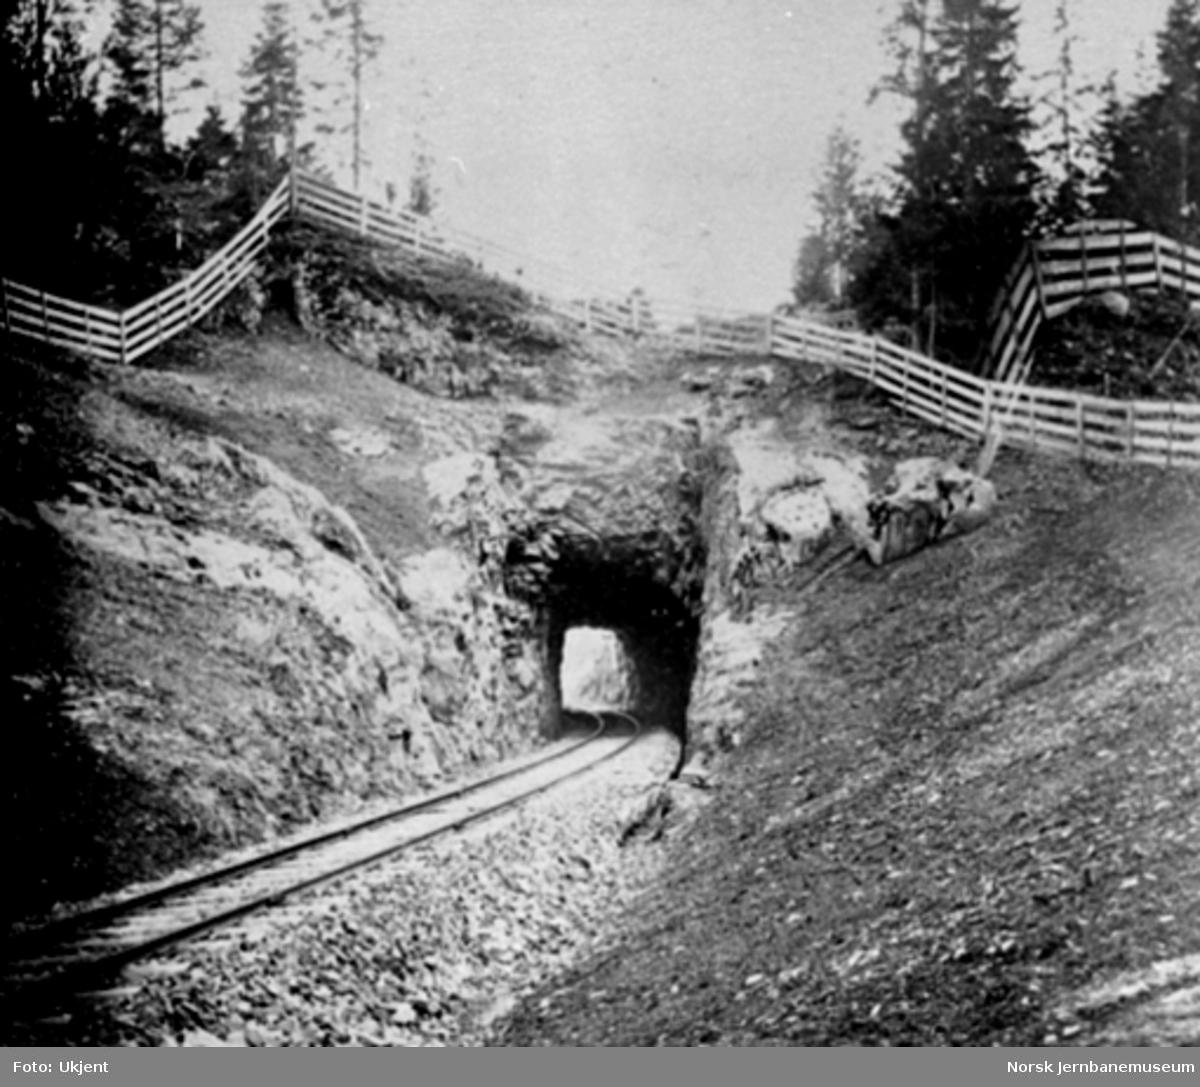 Solstad (Hvalstad) tunnel